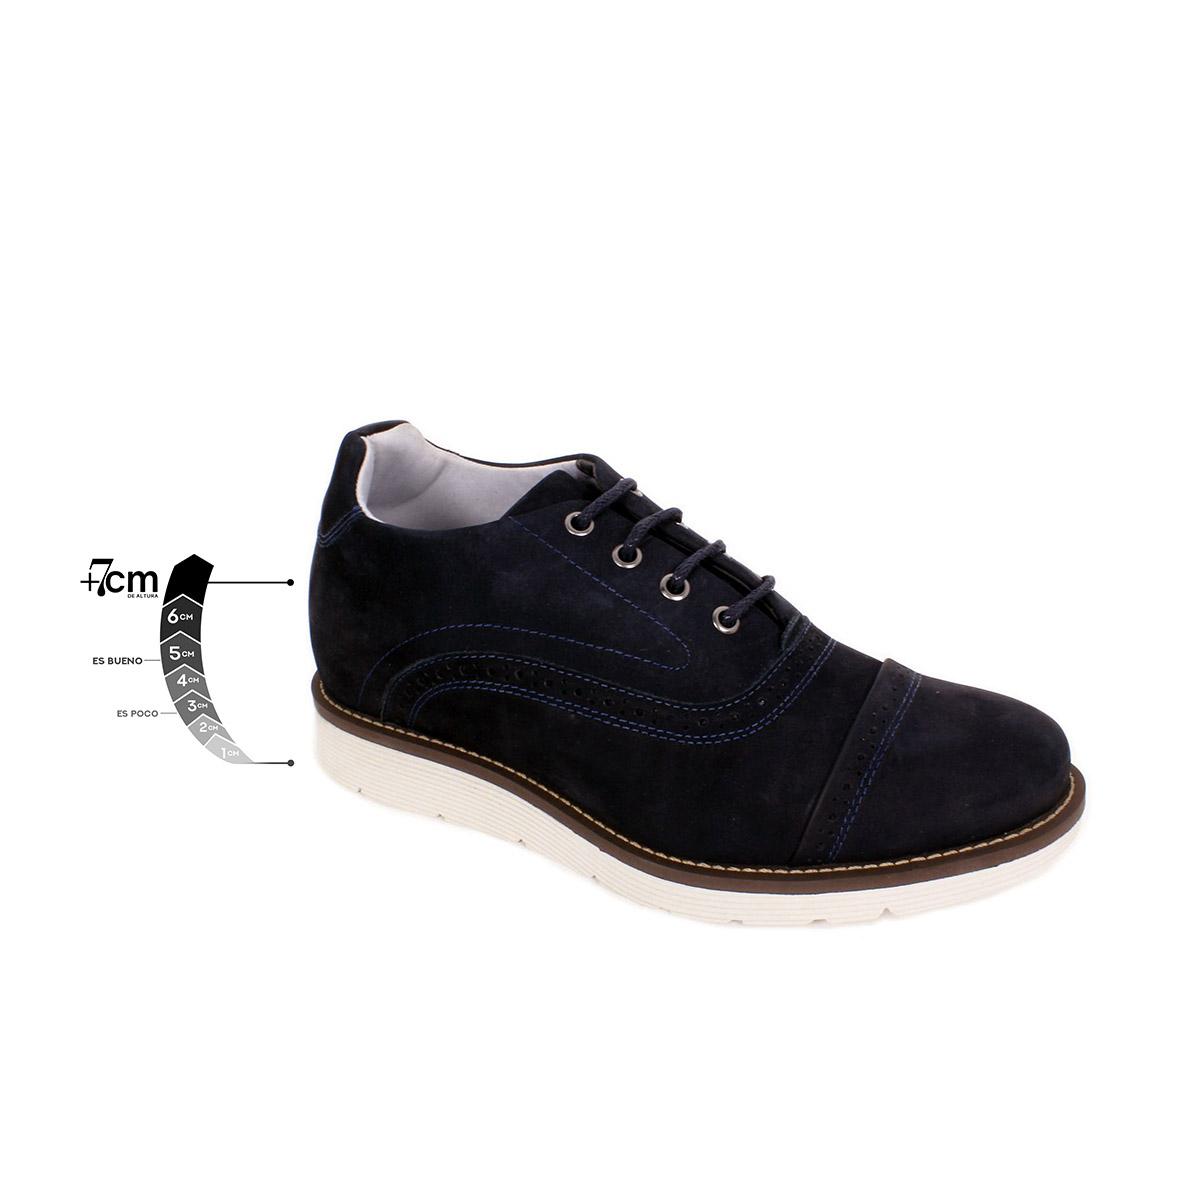 Zapato Casual Casino Azul Max Denegri +7cms de Altura_75290